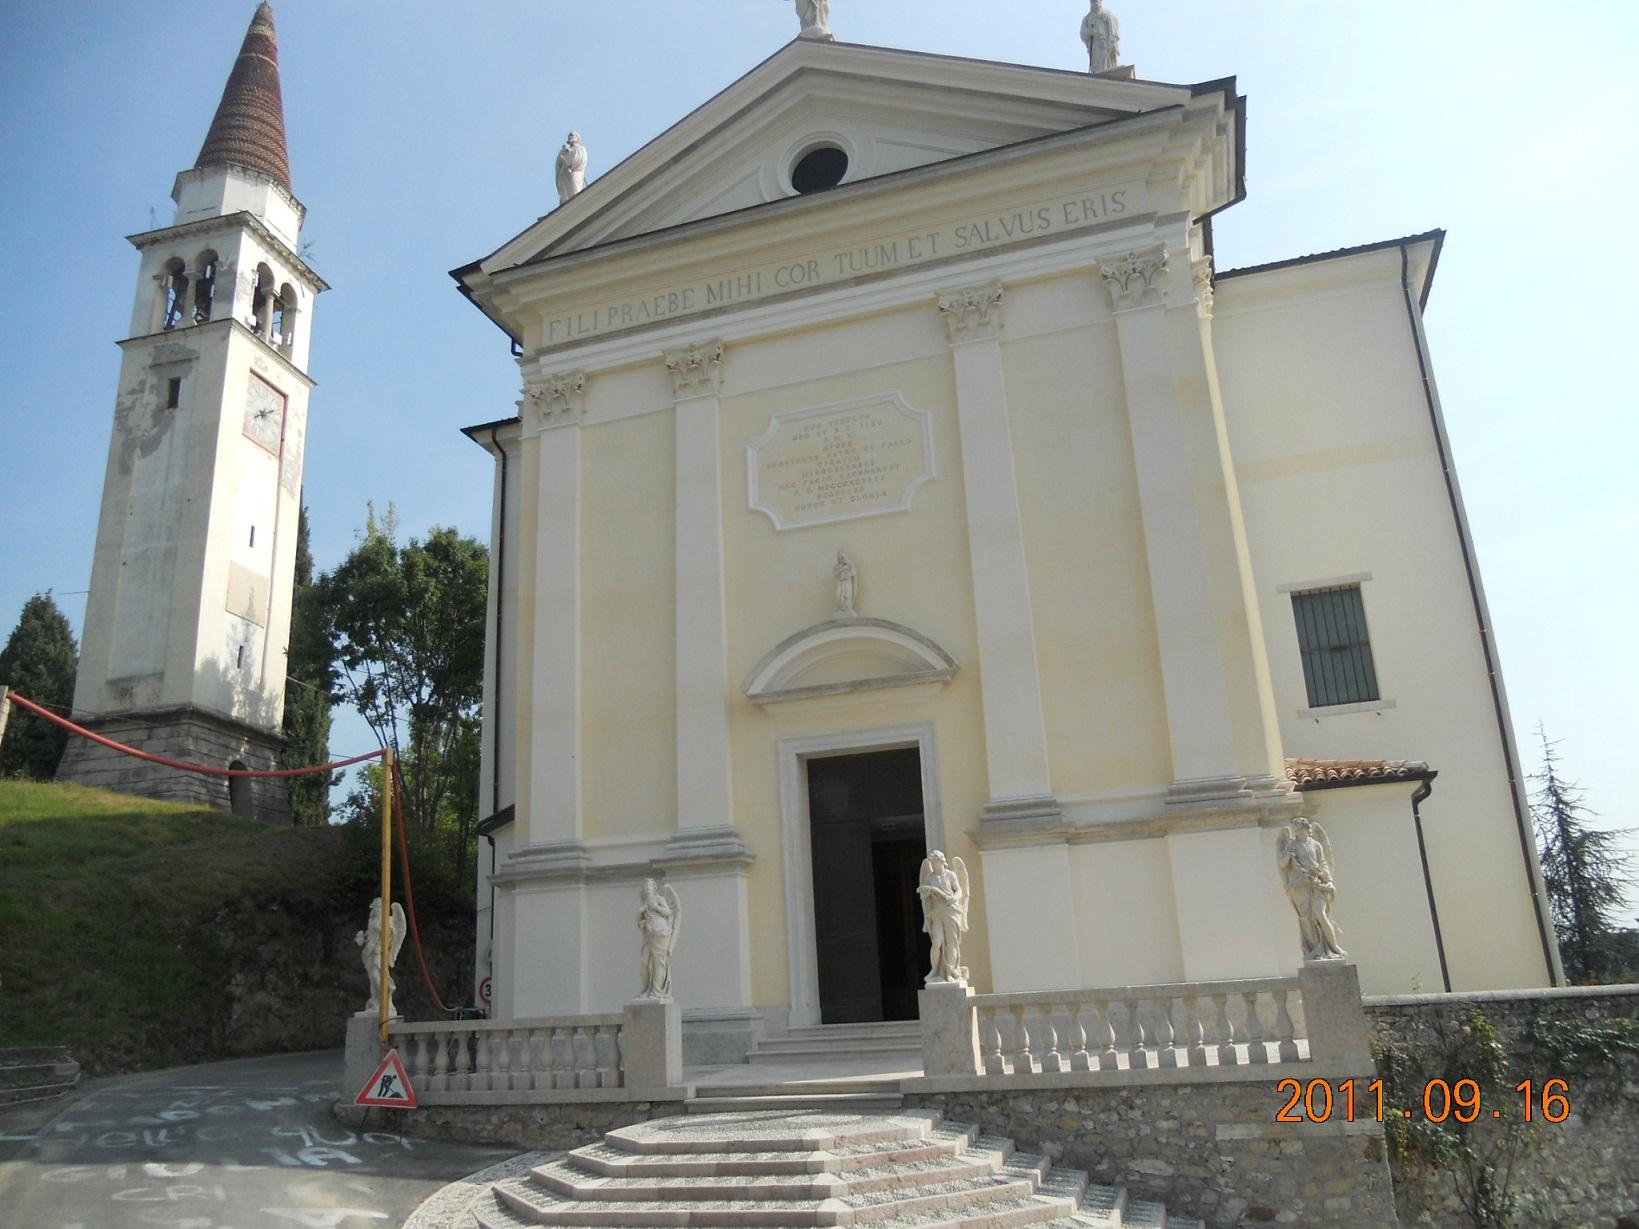 santuario-ristrutt-facciata